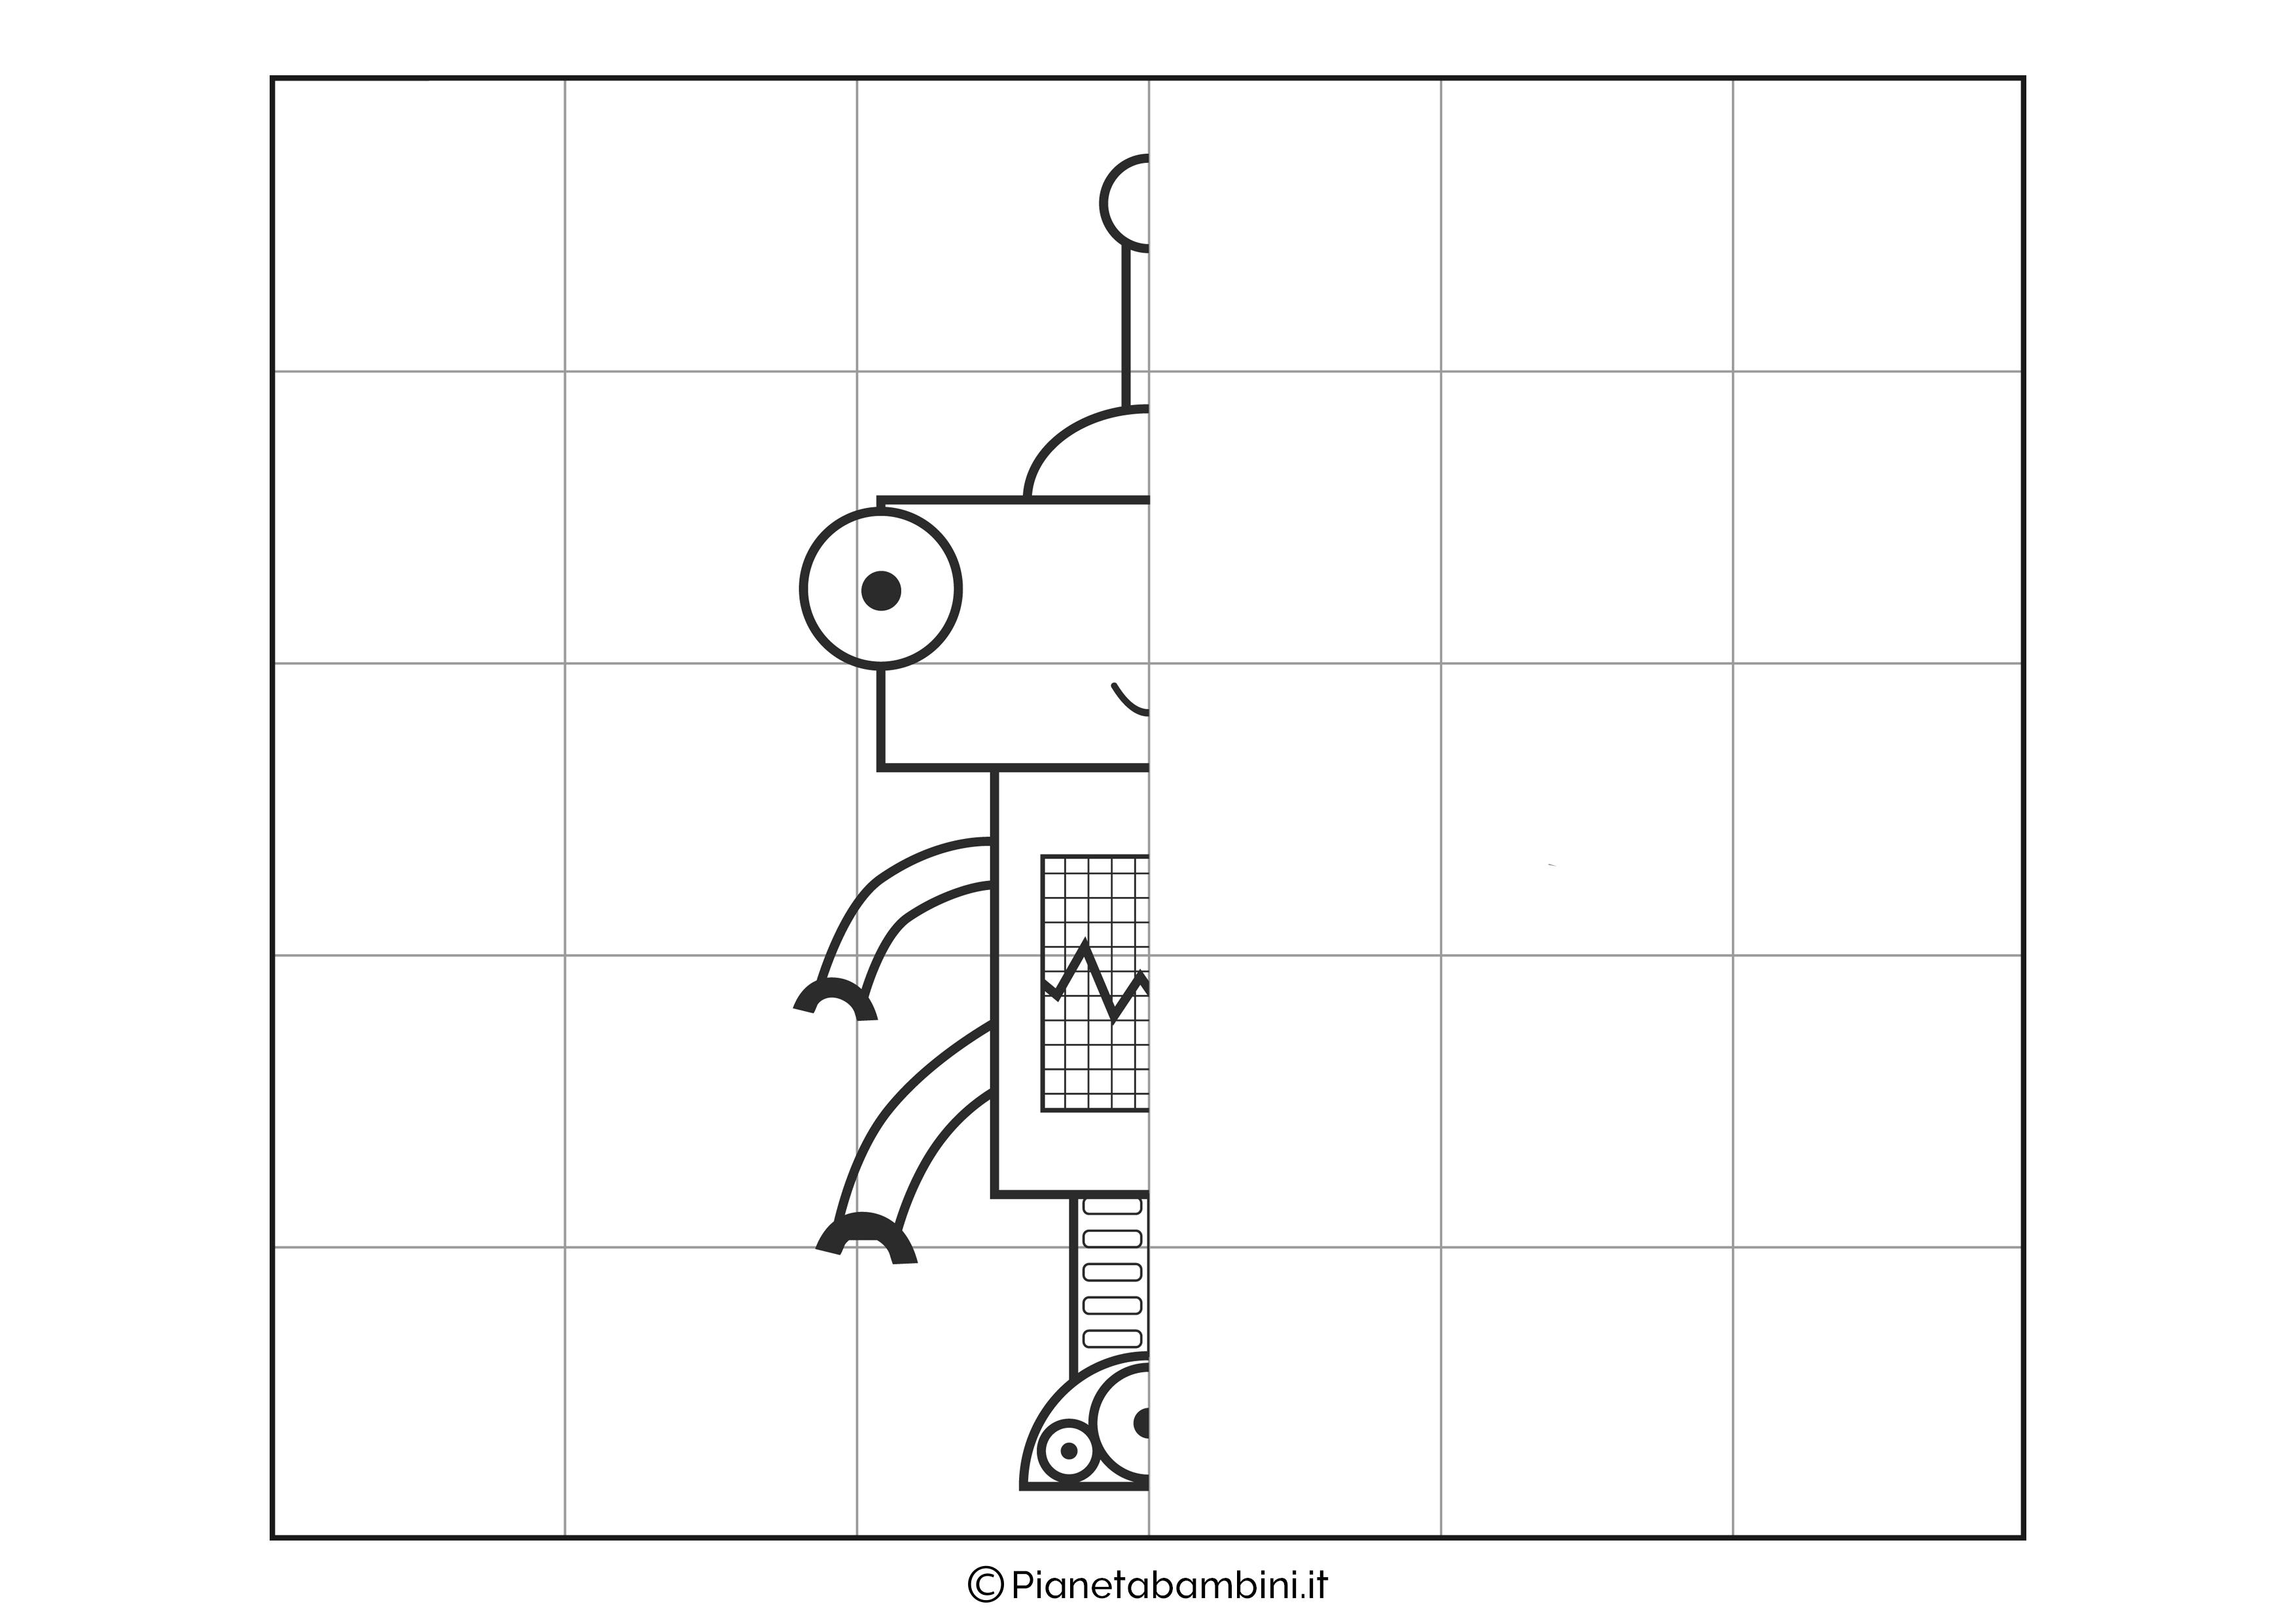 Disegno simmetrico sul robot 3 da completare